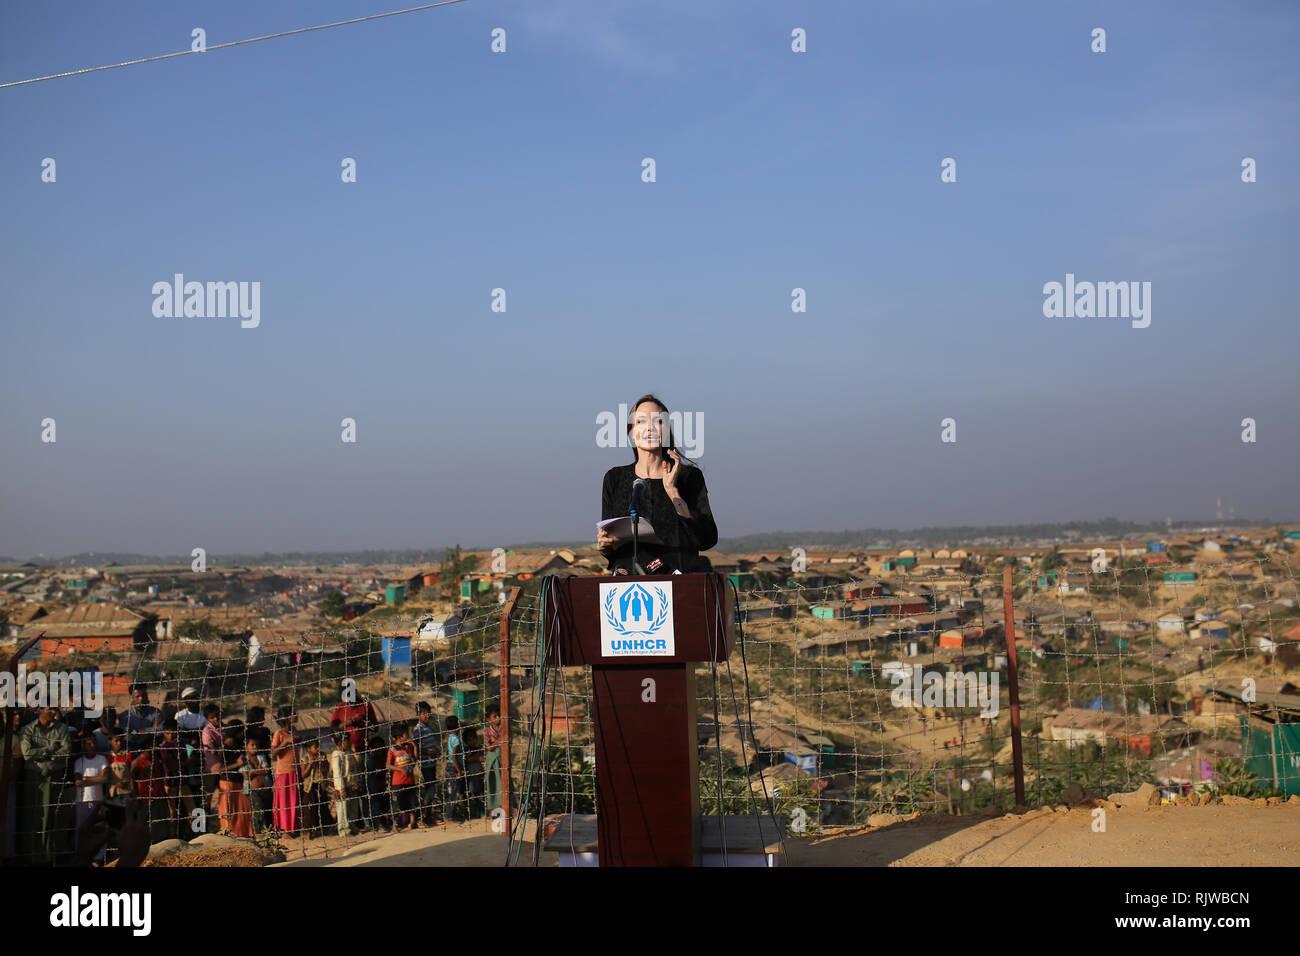 Politician Celebrities Stock Photos & Politician Celebrities Stock